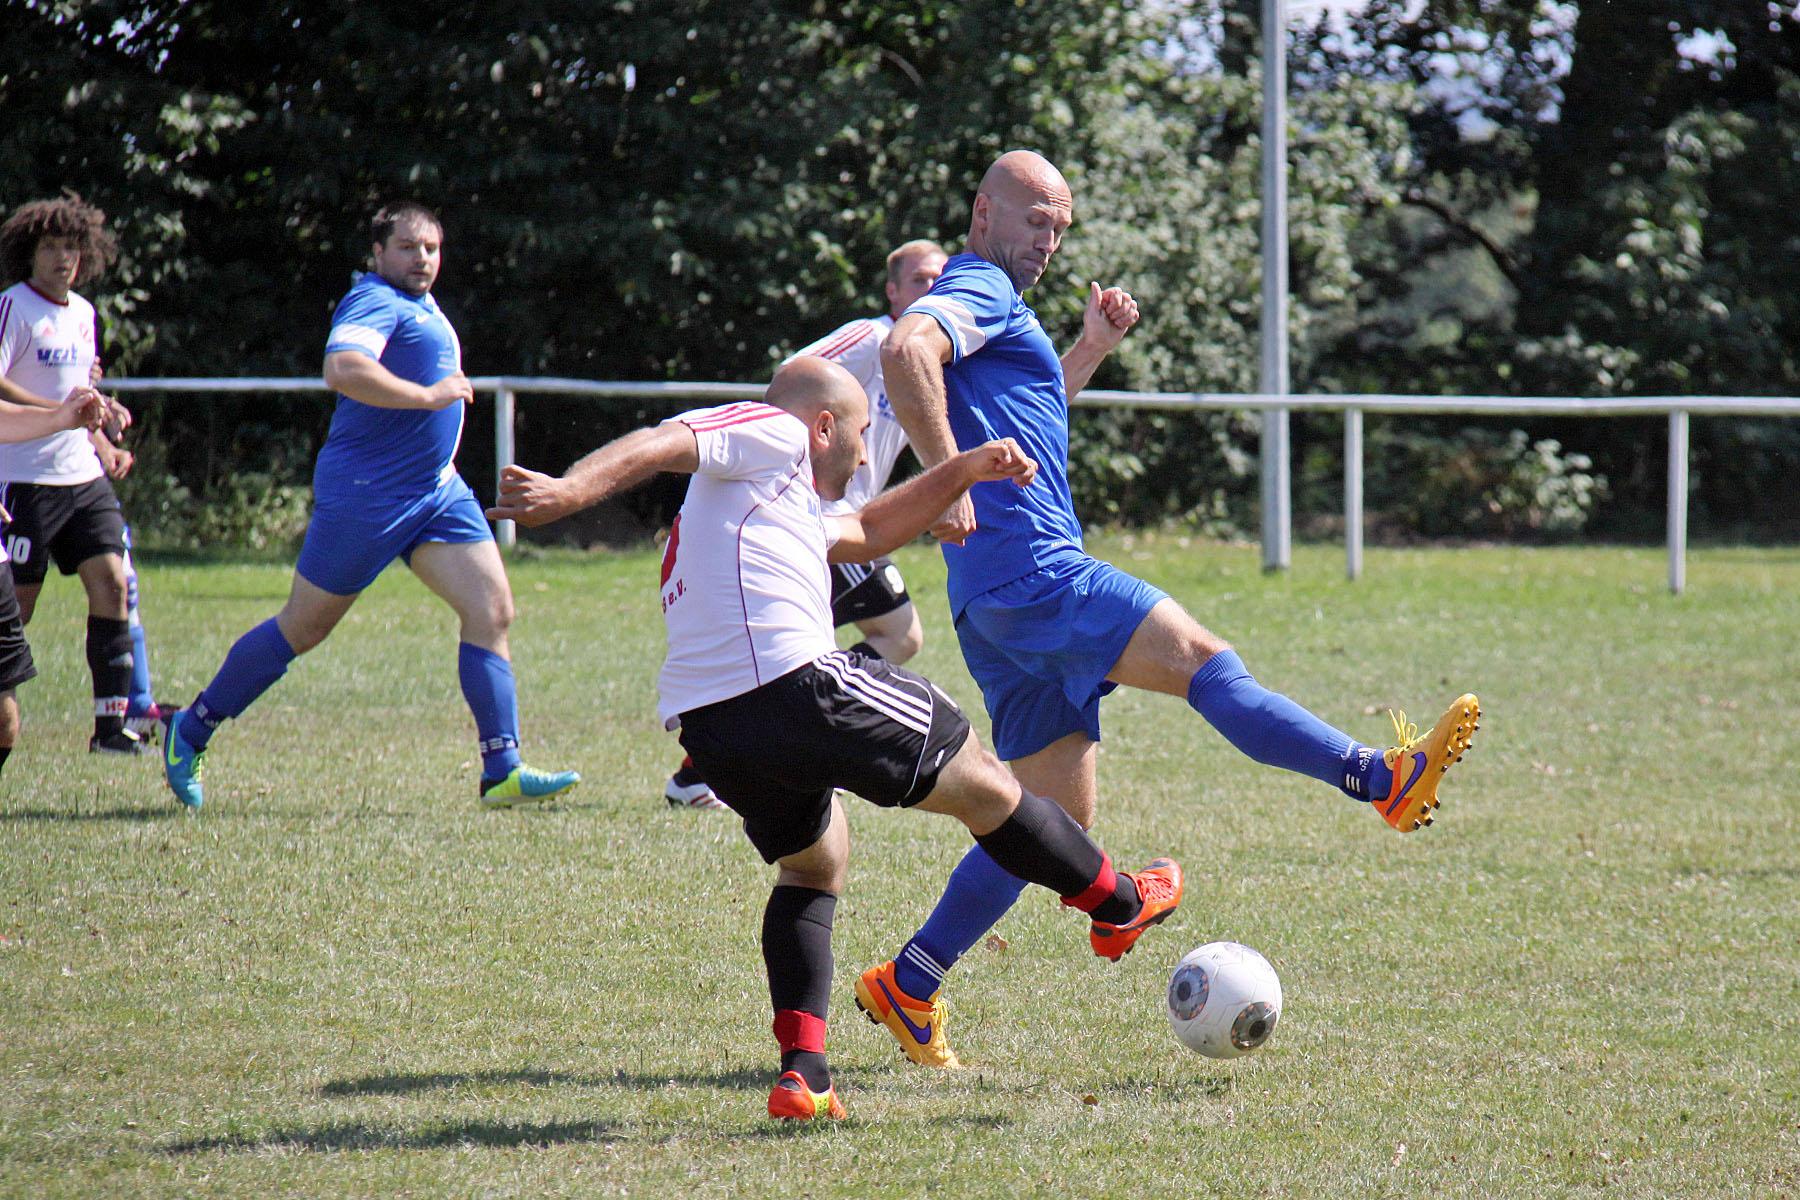 Saisonvorbereitung 2015/16 beim SV Blau-Weiß 90 Greiz